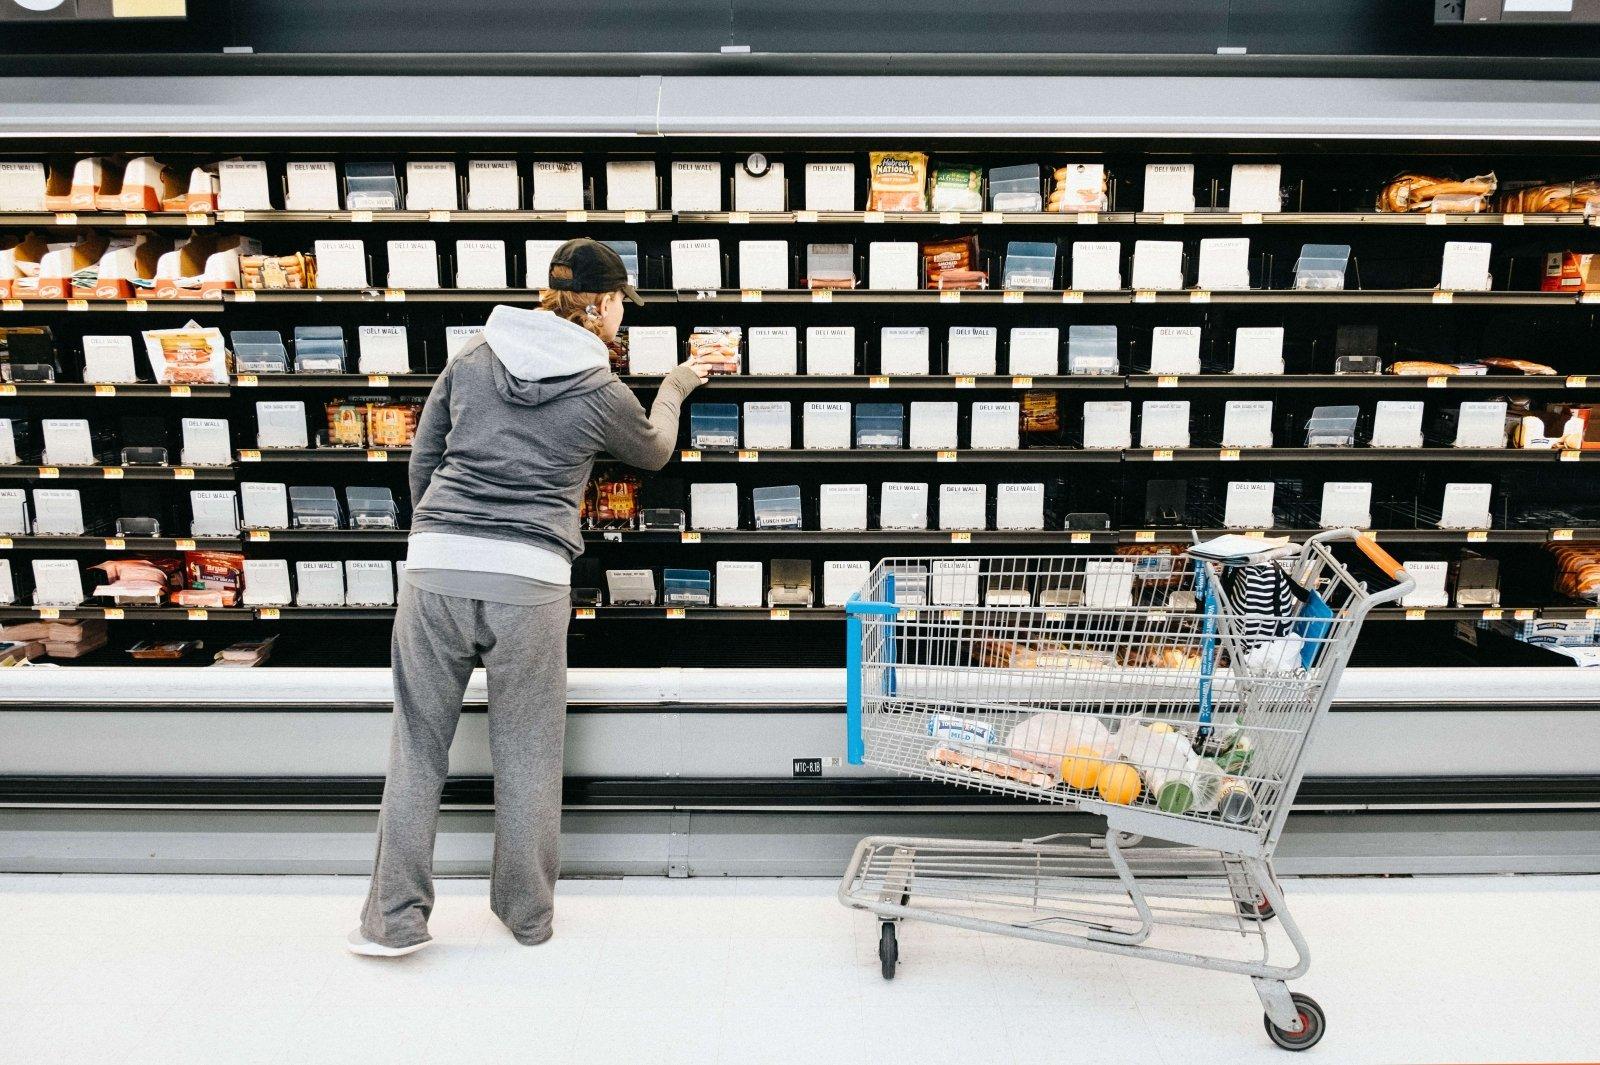 """Sausį """"Rimi"""" keičia parduotuvių darbo laiką - anrestas.lt - Vilniaus naujienų dienoraštis"""